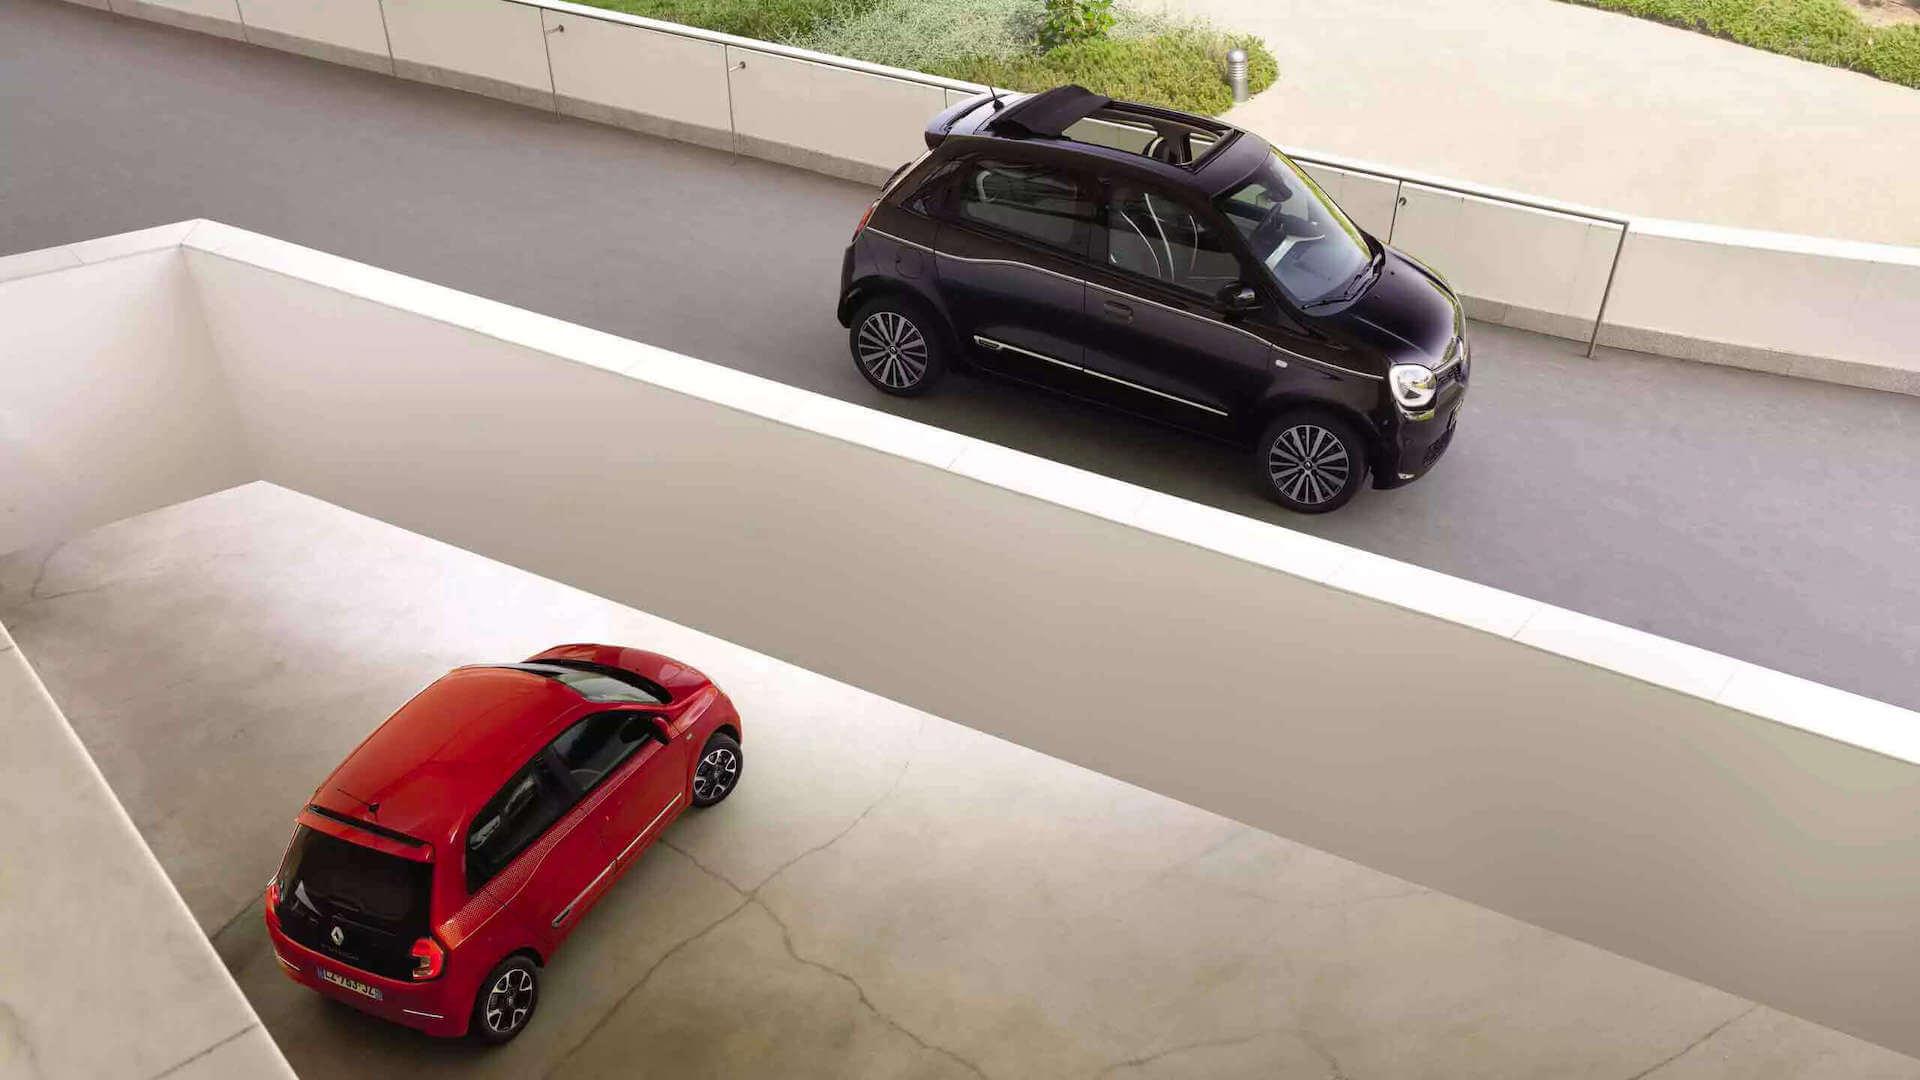 Zwei Autos (rot und schwarz) in einem Parkhaus - Renault Twingo - Renault Ahrens Hannover